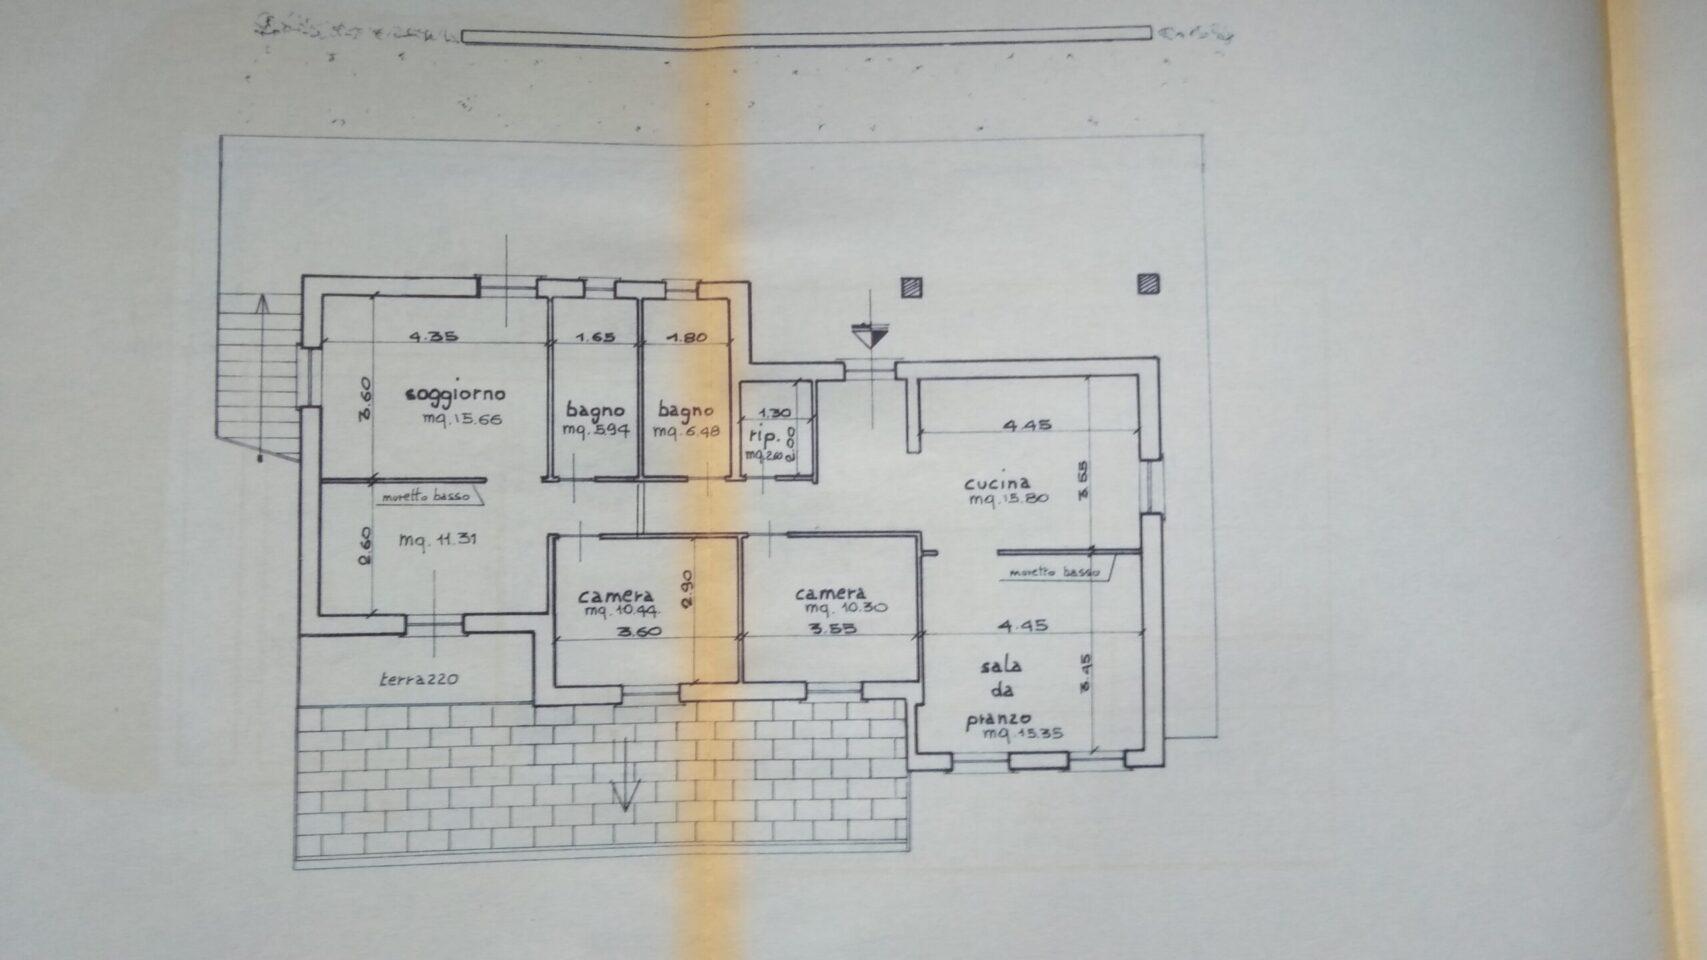 planimetria VRI 2253 BA - piano primo